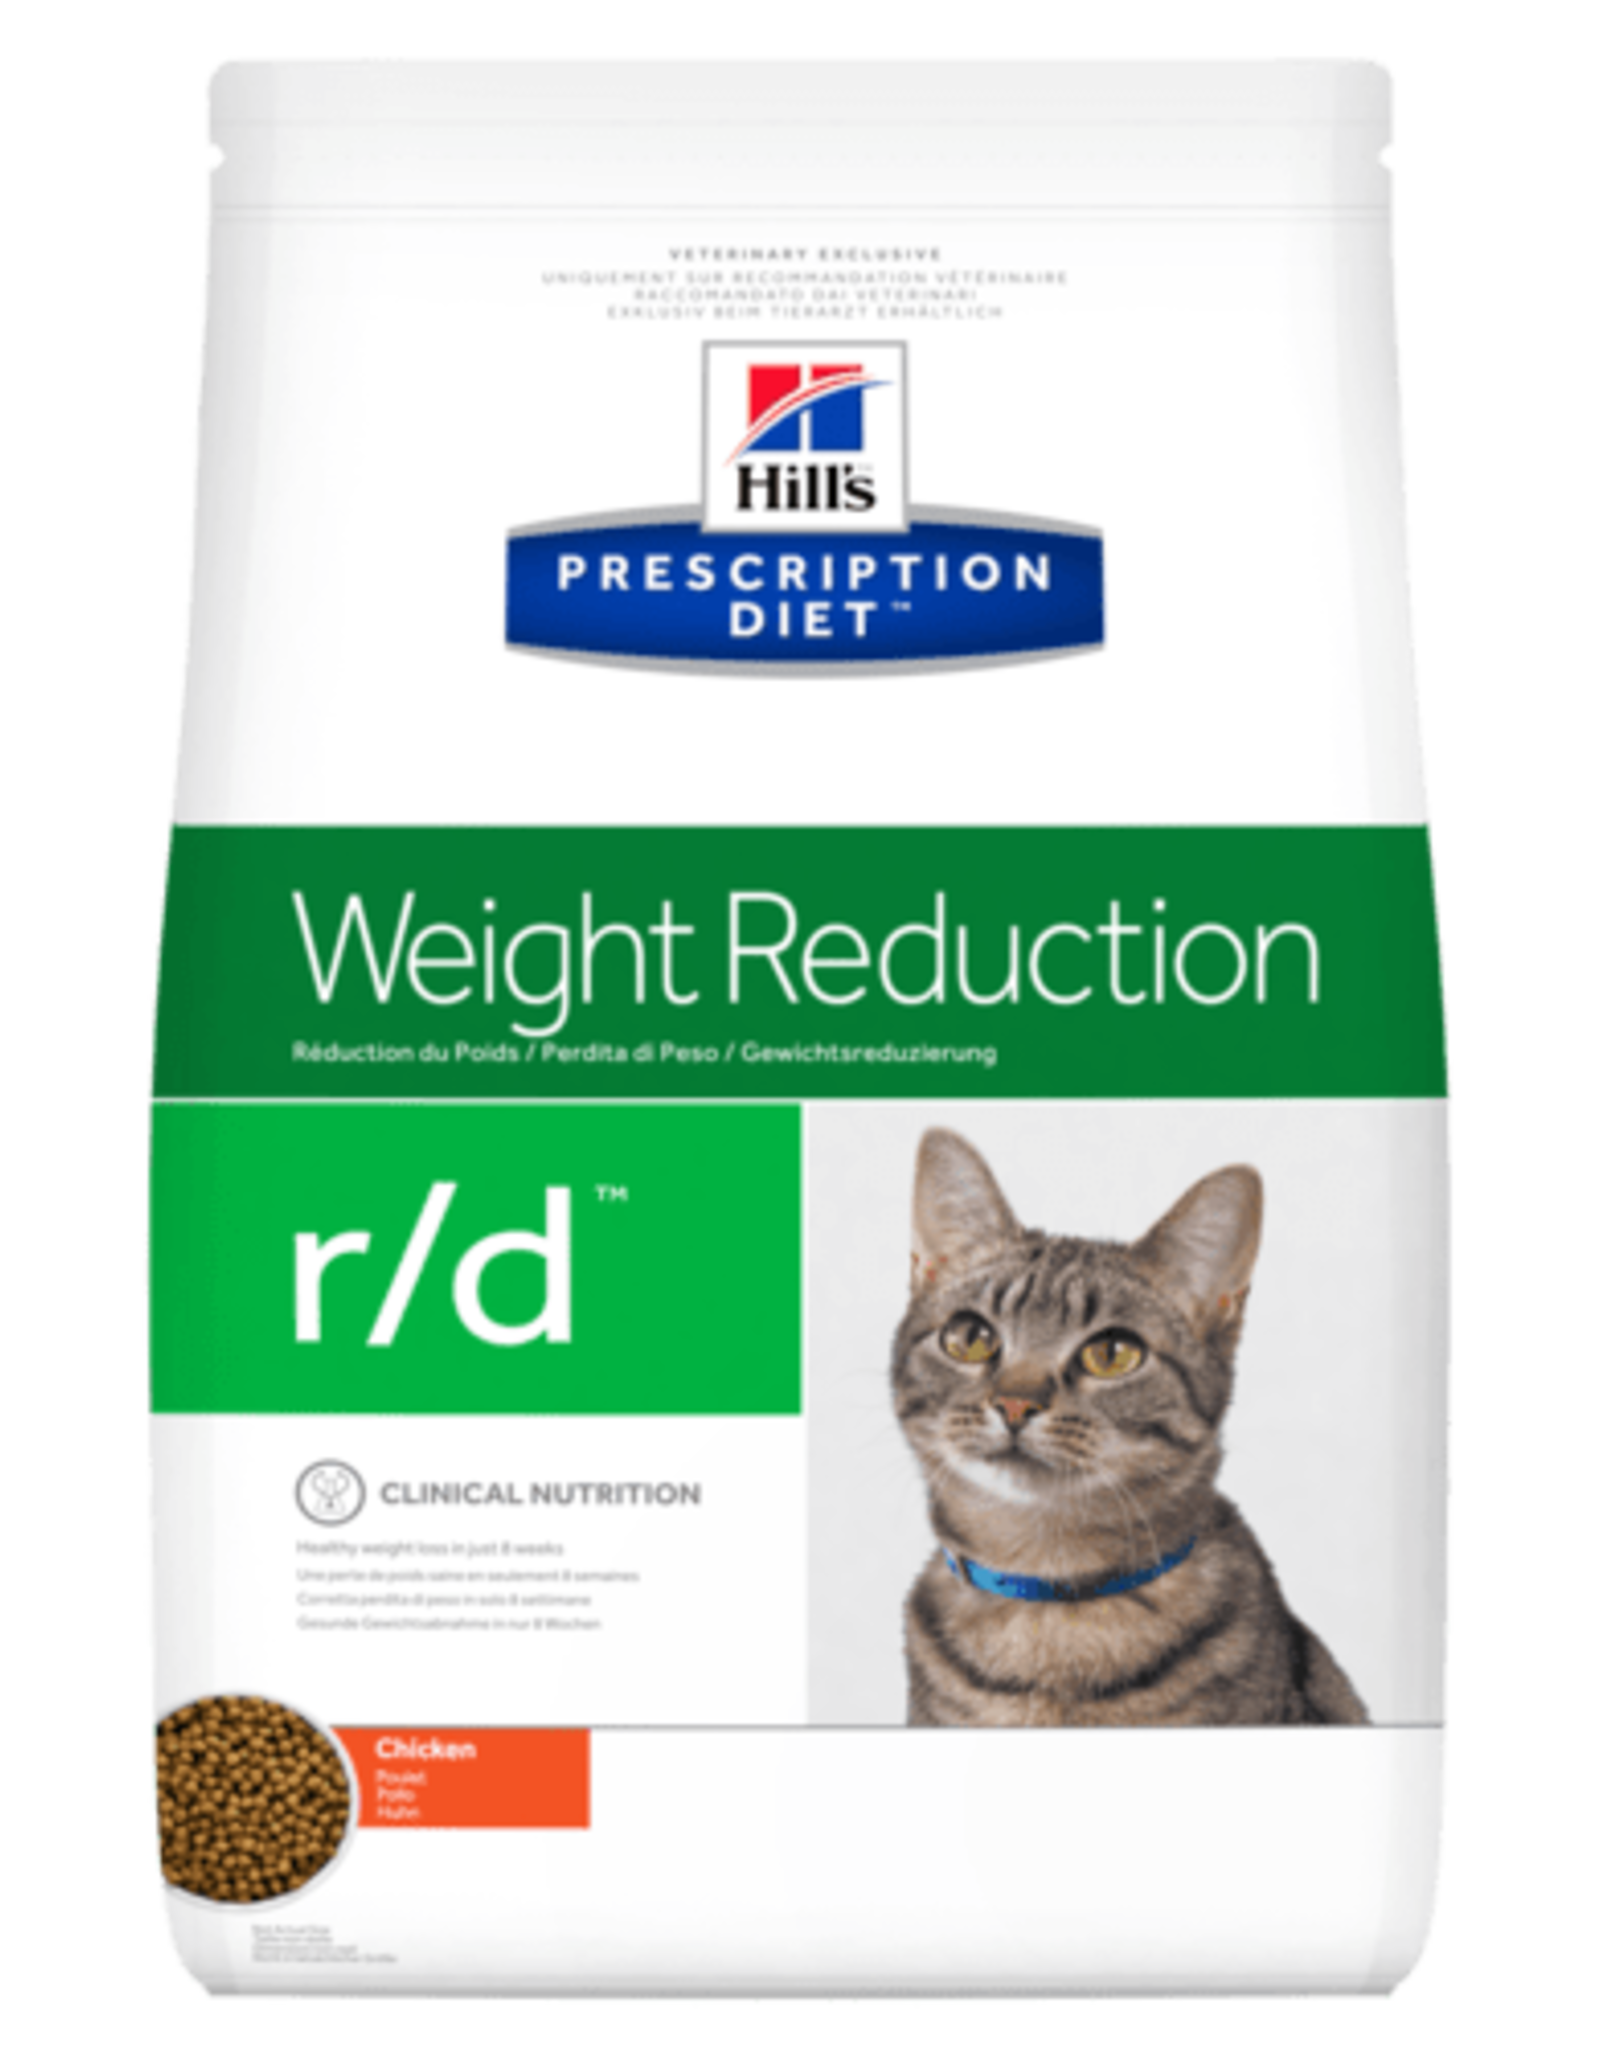 Hill's Hill's Prescription Diet R/d Chat5 Kg